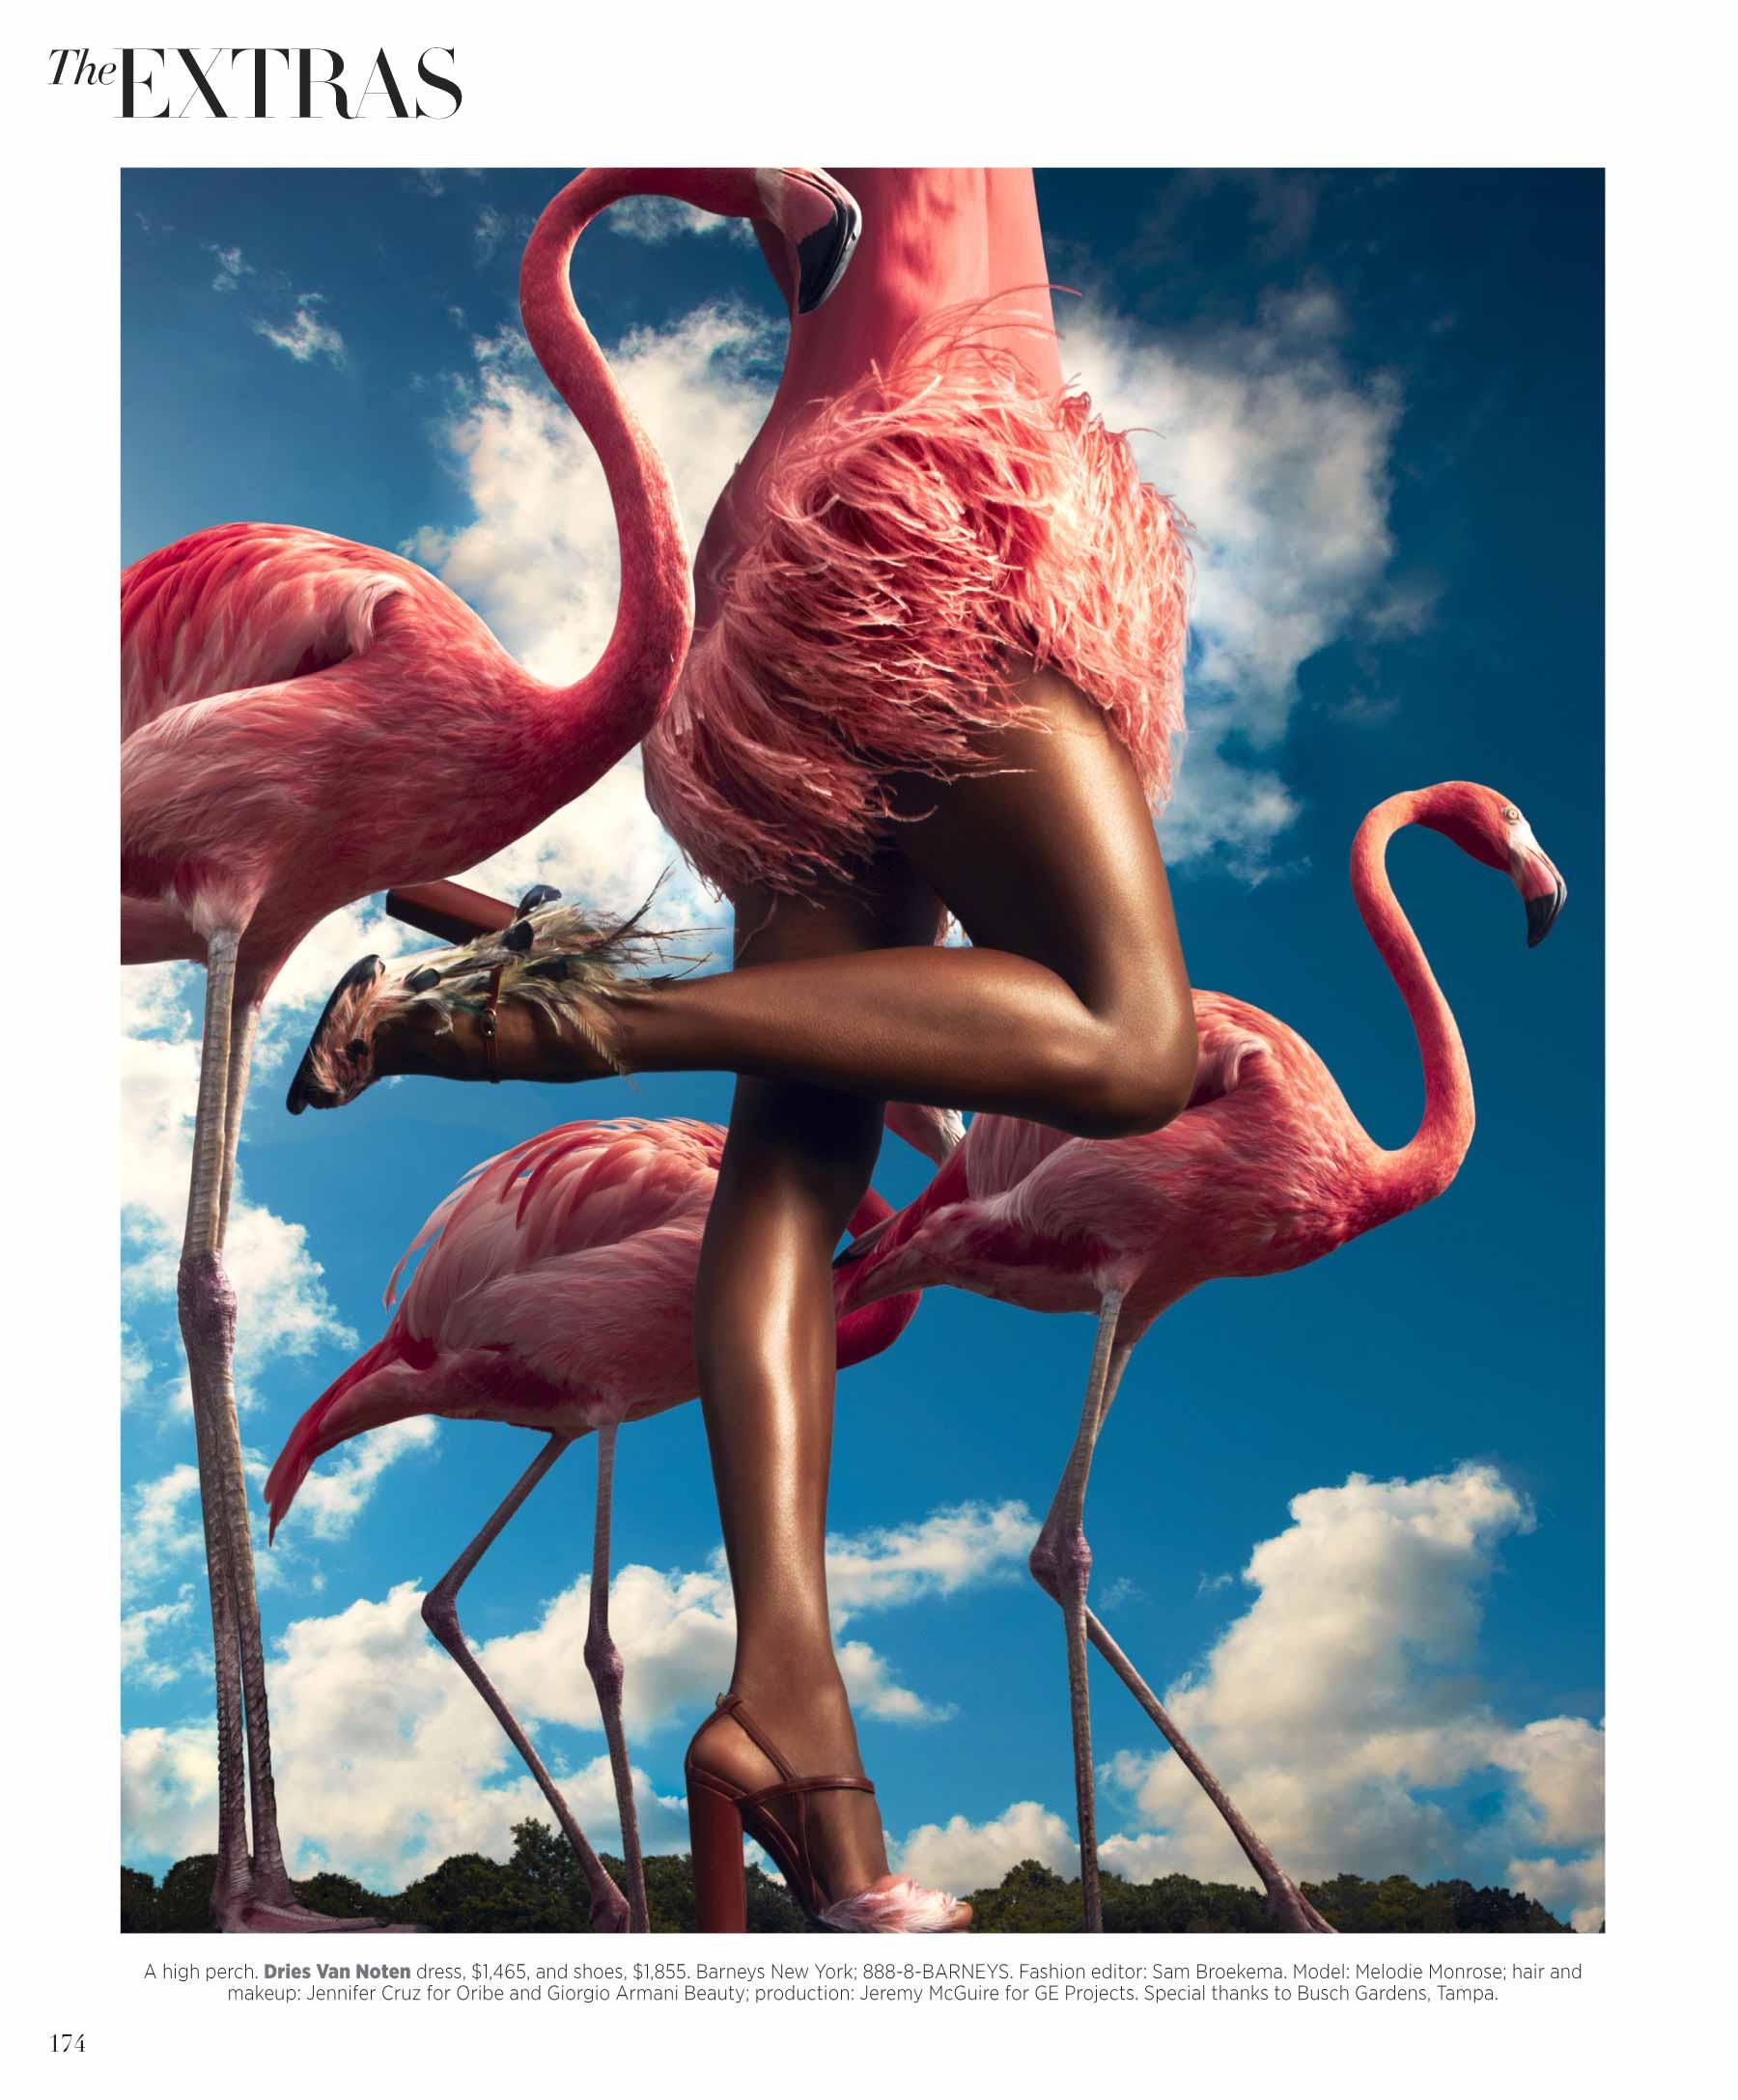 Melodie-Monrose-by-Dan-Forbes-for-Harpers-Bazaar-US-November-2013-4.jpg